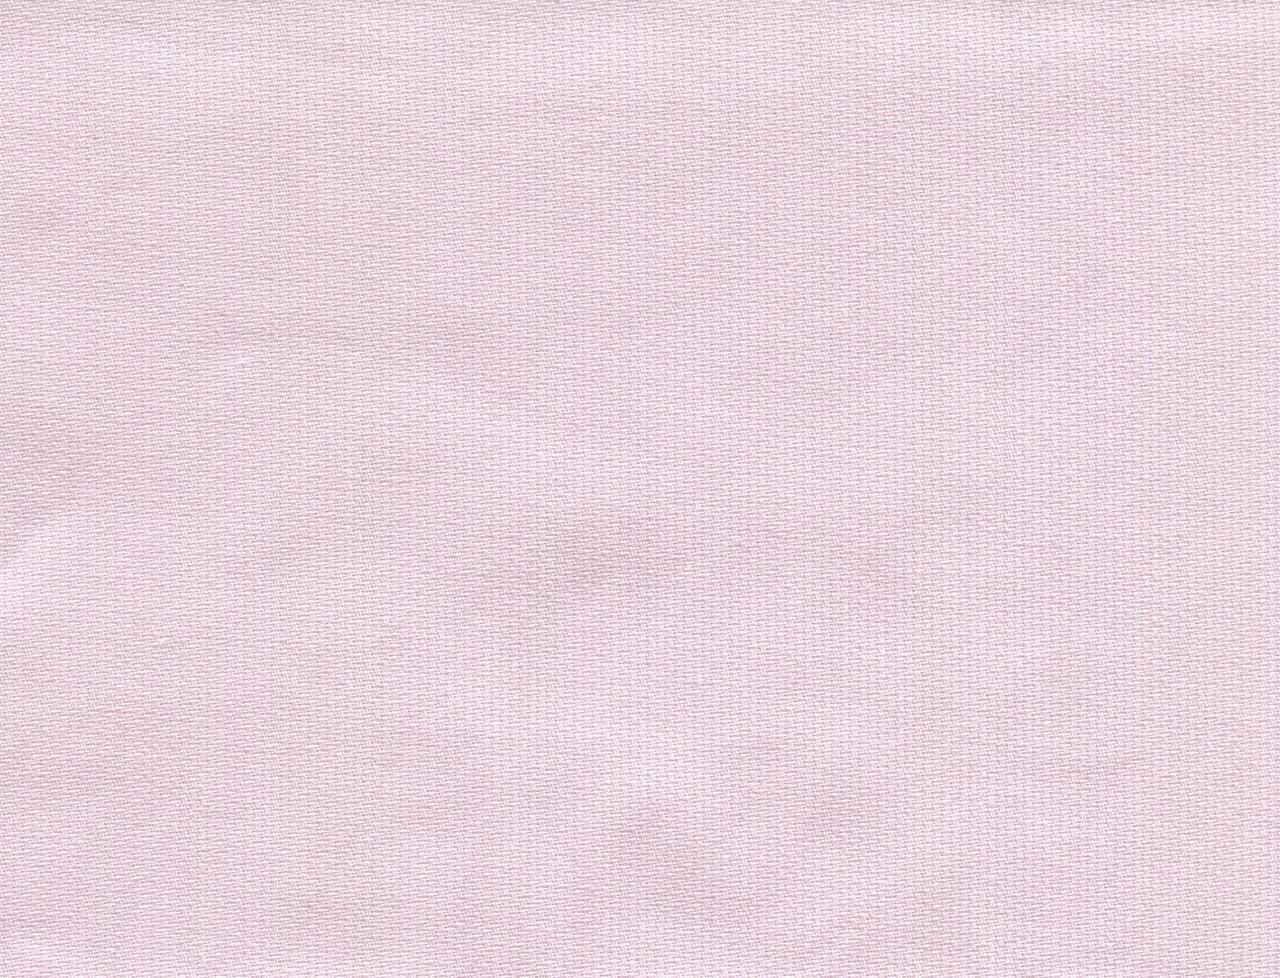 Pink 100% Cotton Pima Wale Pique 145 cm -